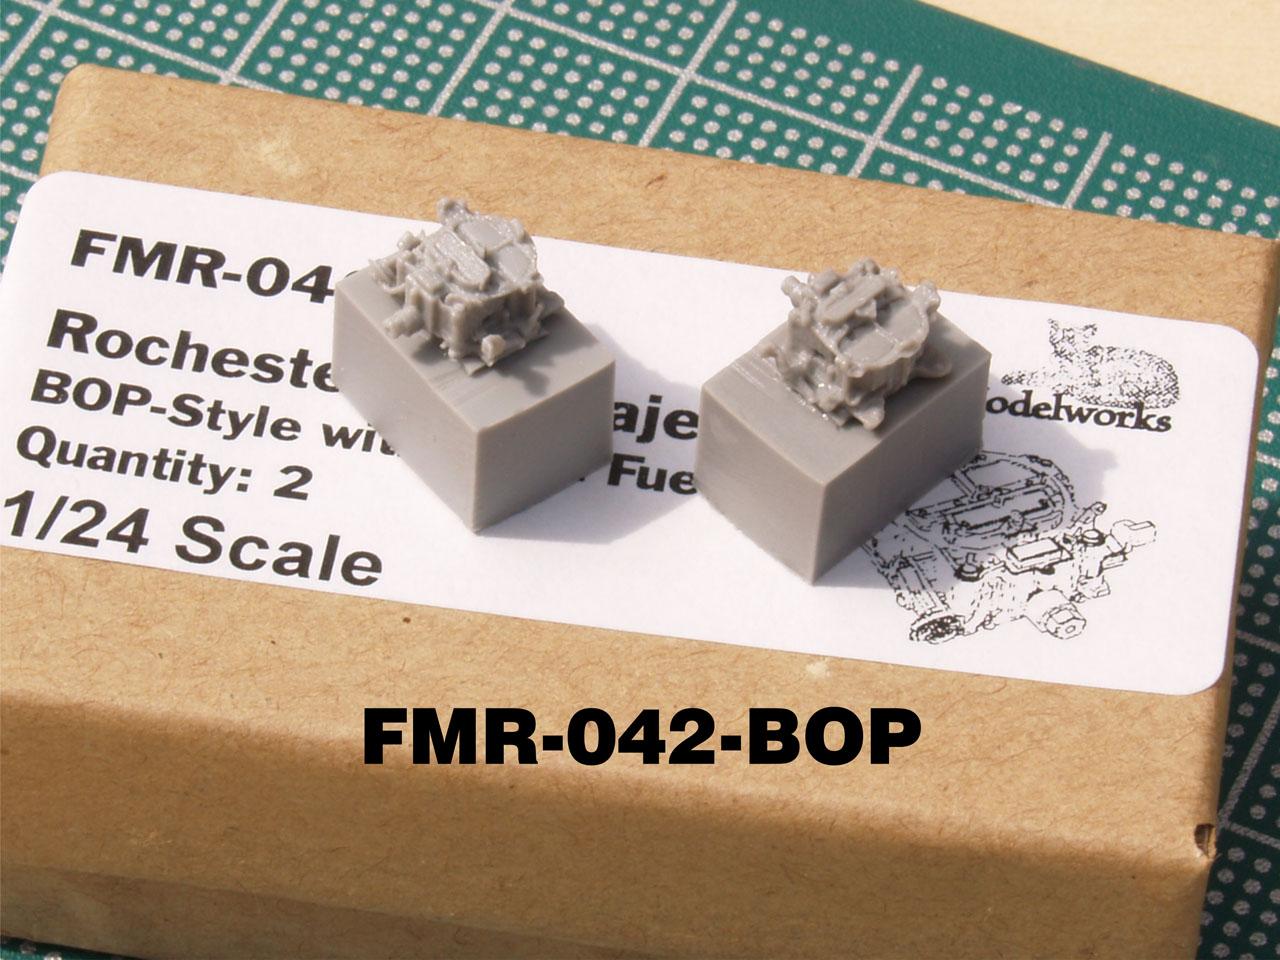 fmr-042-043_1.jpg